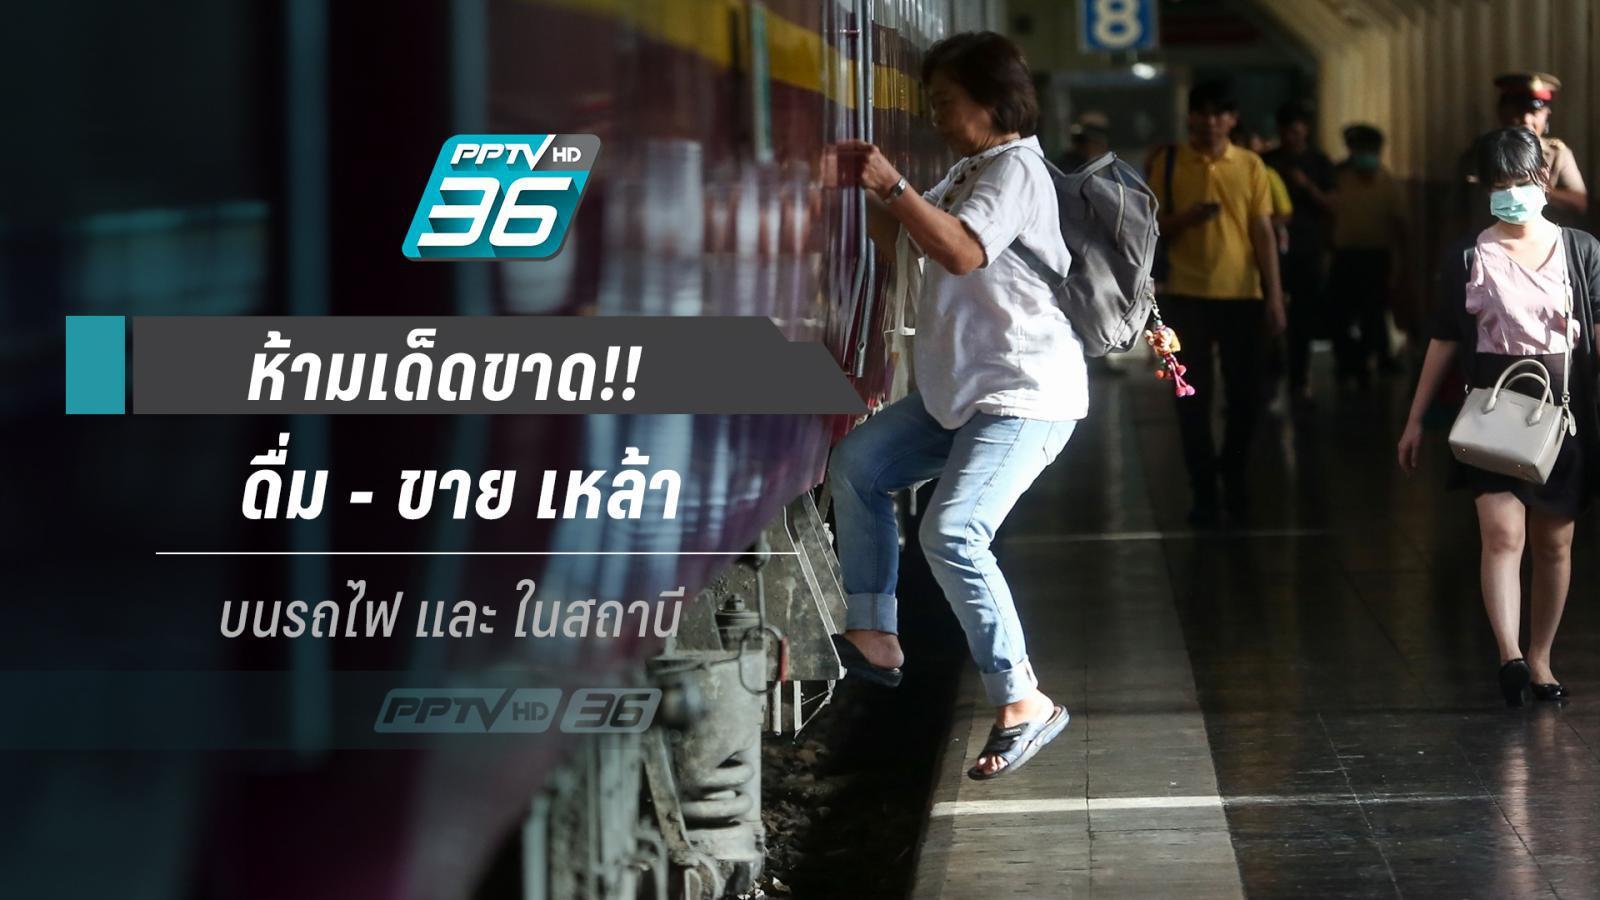 รถไฟเพิ่มโบกี้ รองรับเข้าพรรษา ตรวจเข้มห้ามดื่มเหล้าบนรถ